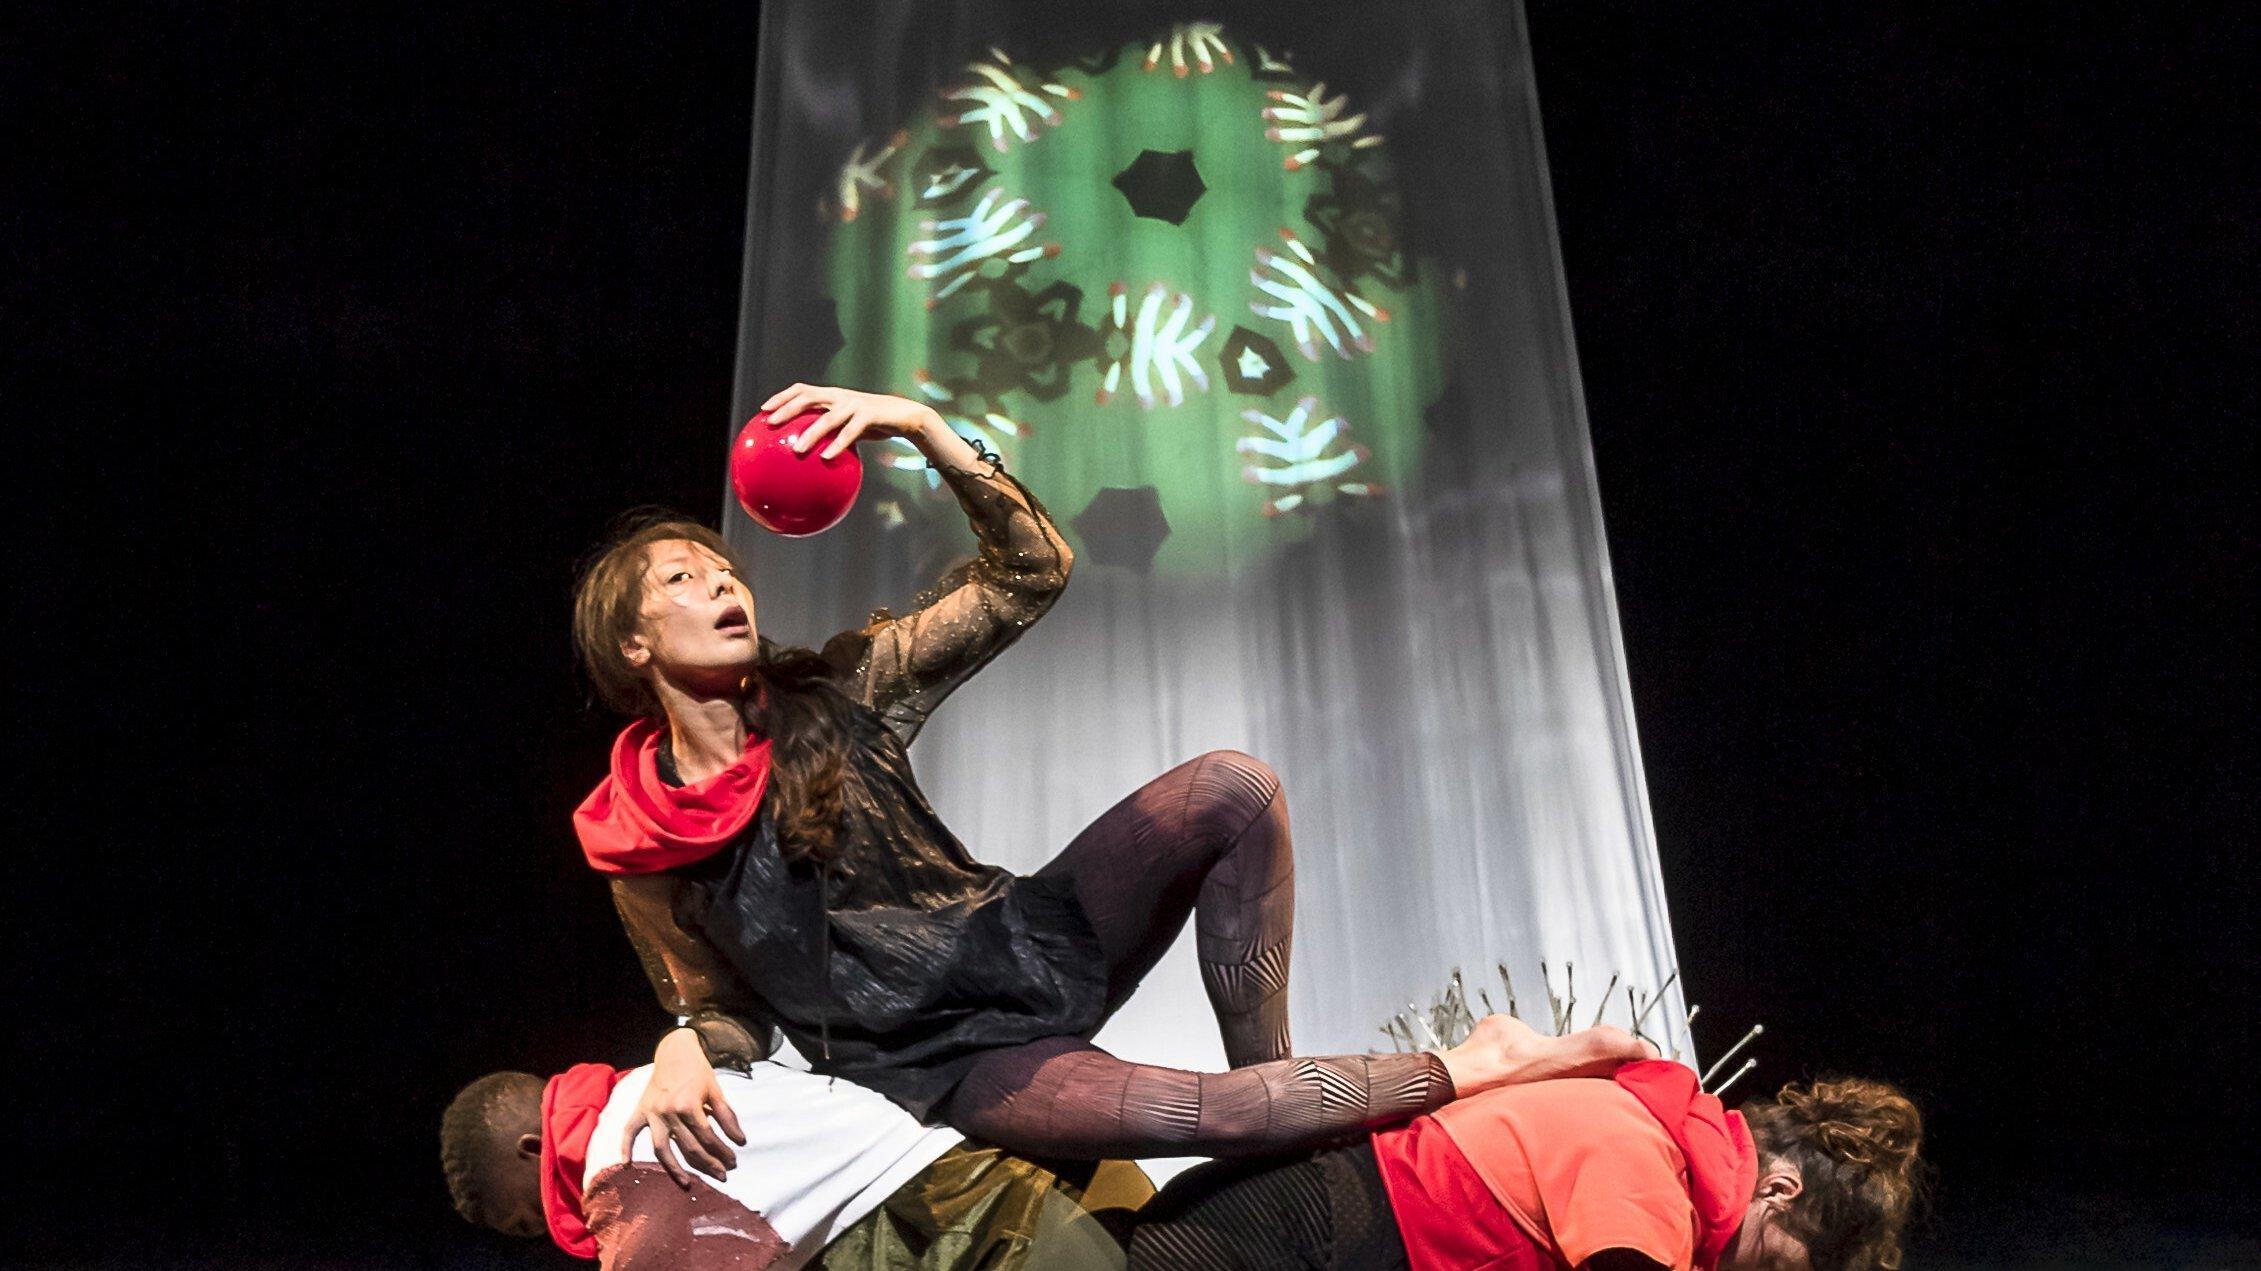 Ein Bild wie aus der Renaissance: Auf dem Rücken von zwei Darsteller:innen hält sich eine weitere Darstellerin einen roten Ball wie eine süße Frucht über ihren geöffneten Mund hält. Im Hintergrund ein weißer Vorhang mit der grünen Projektion eines Kaleidoskops.